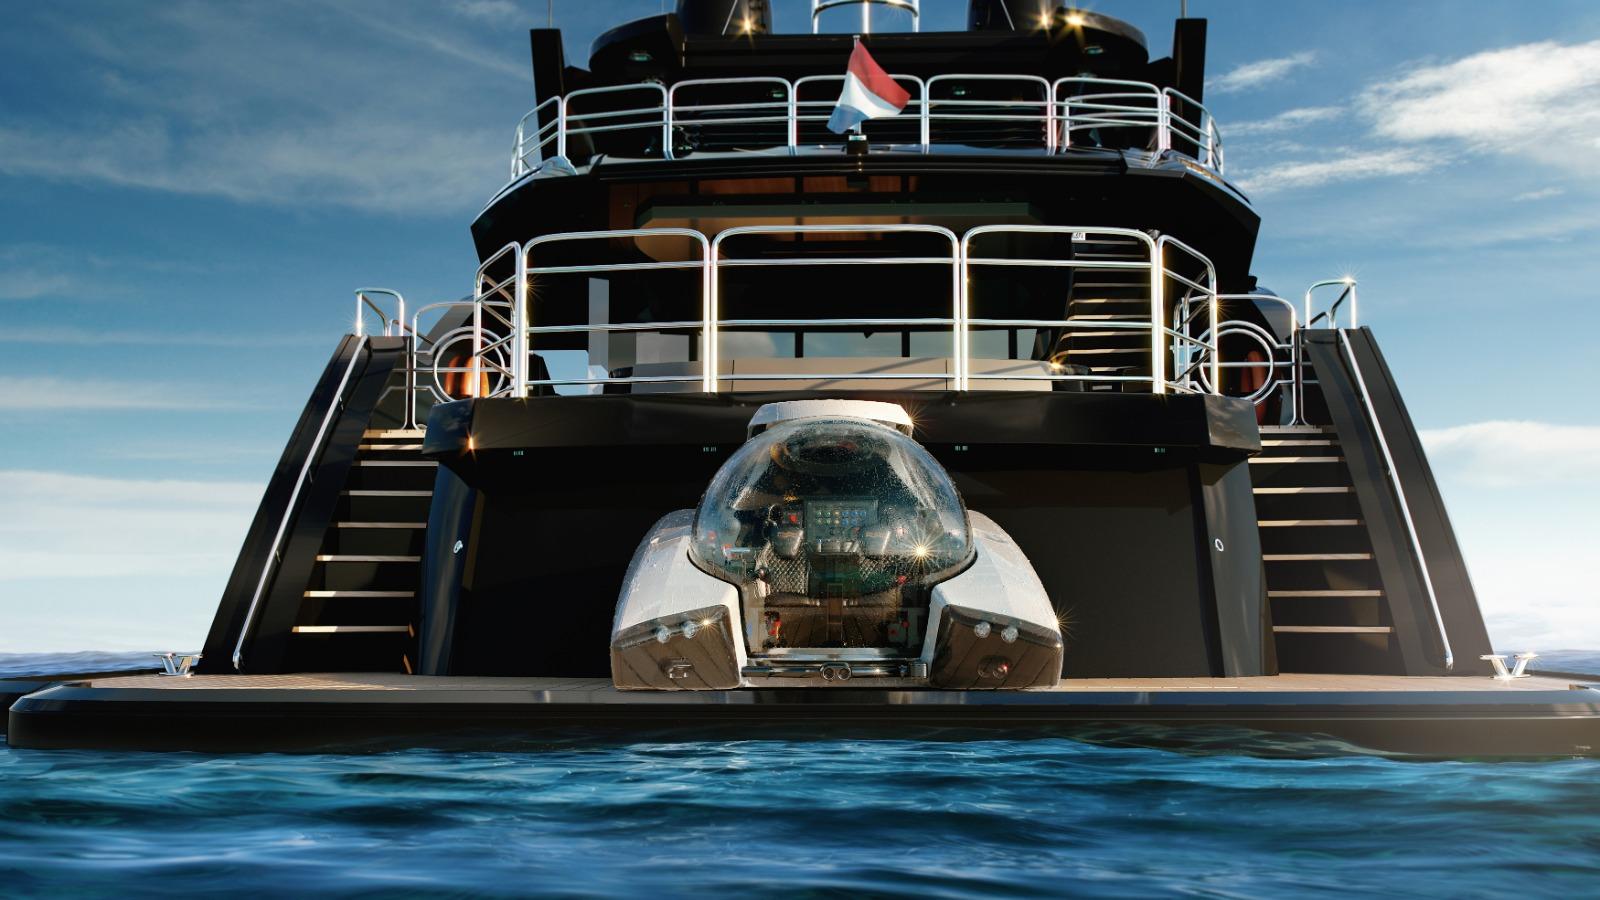 El submarino de 3 millones de euros que puedes guardar en tu yate